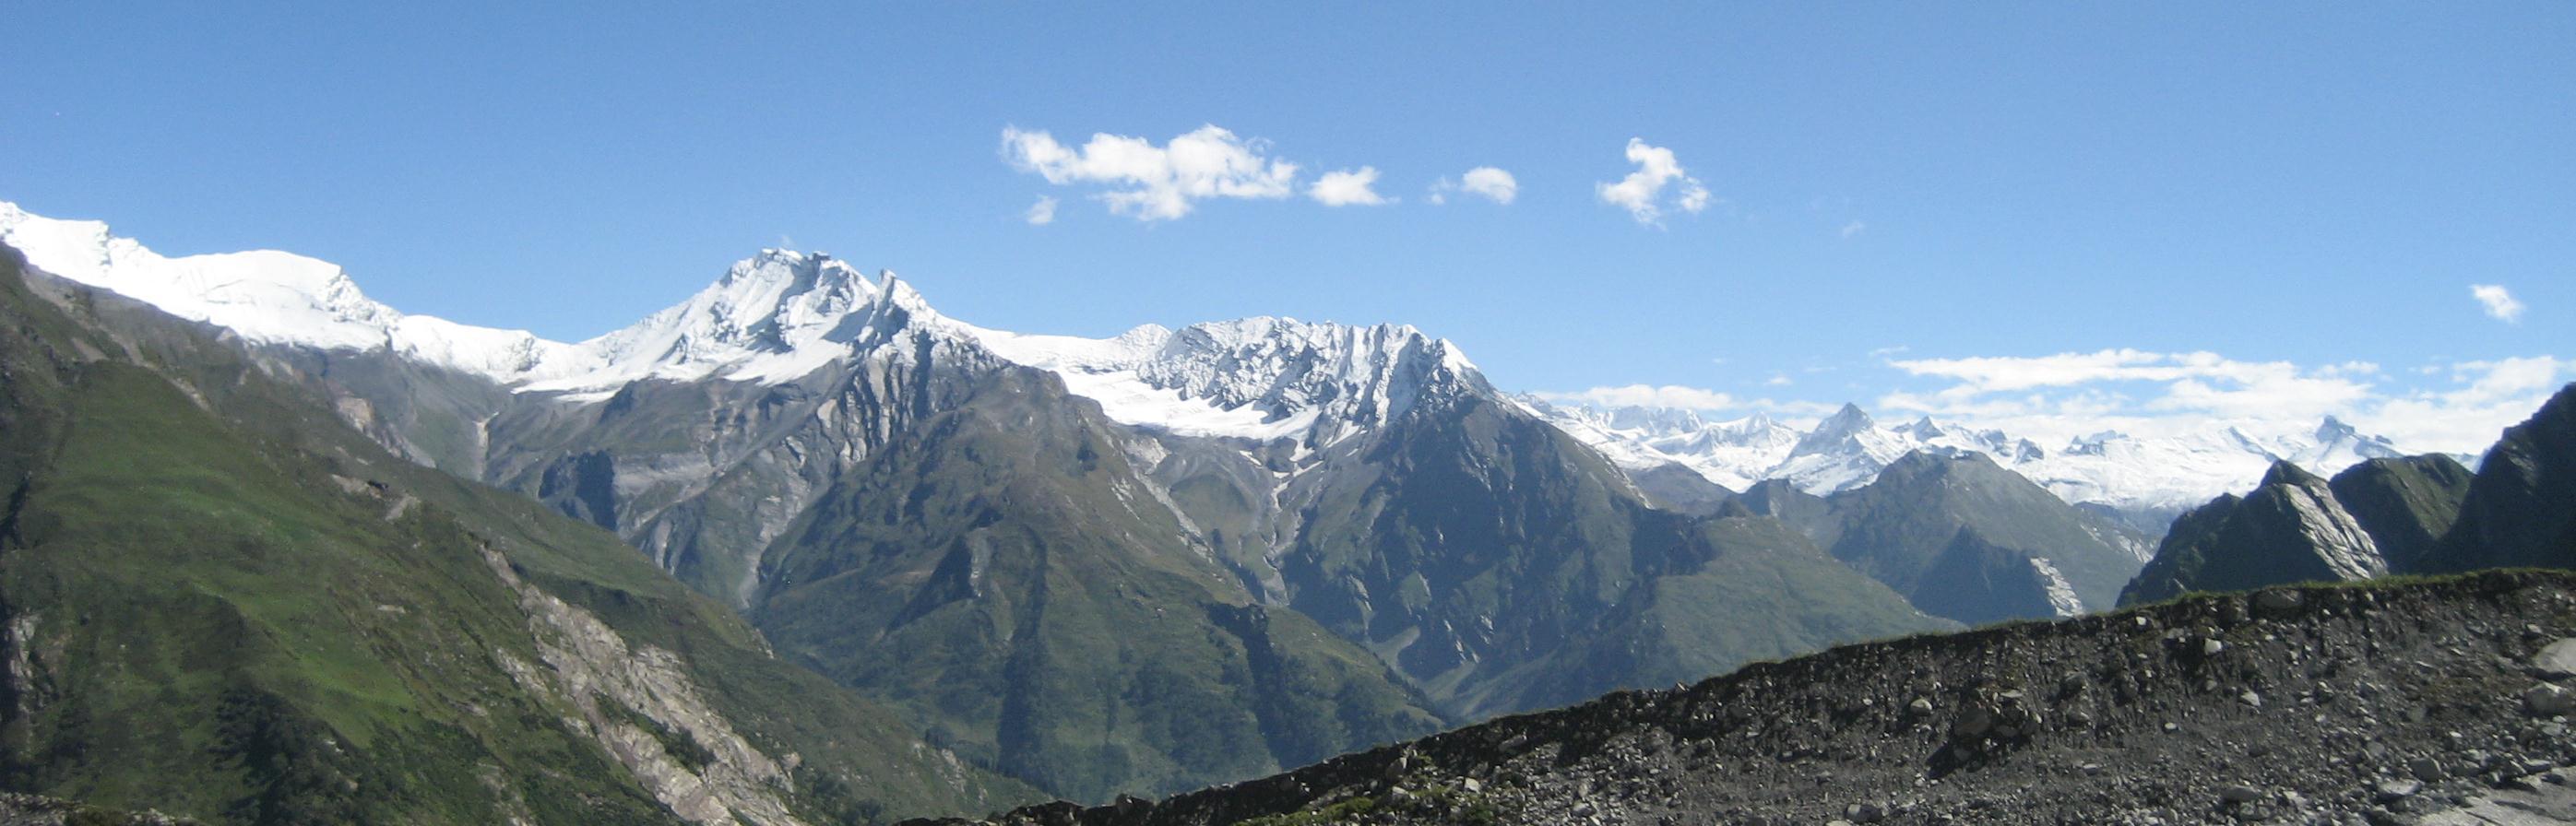 Mount Ladakhi Peak Expedition Manali